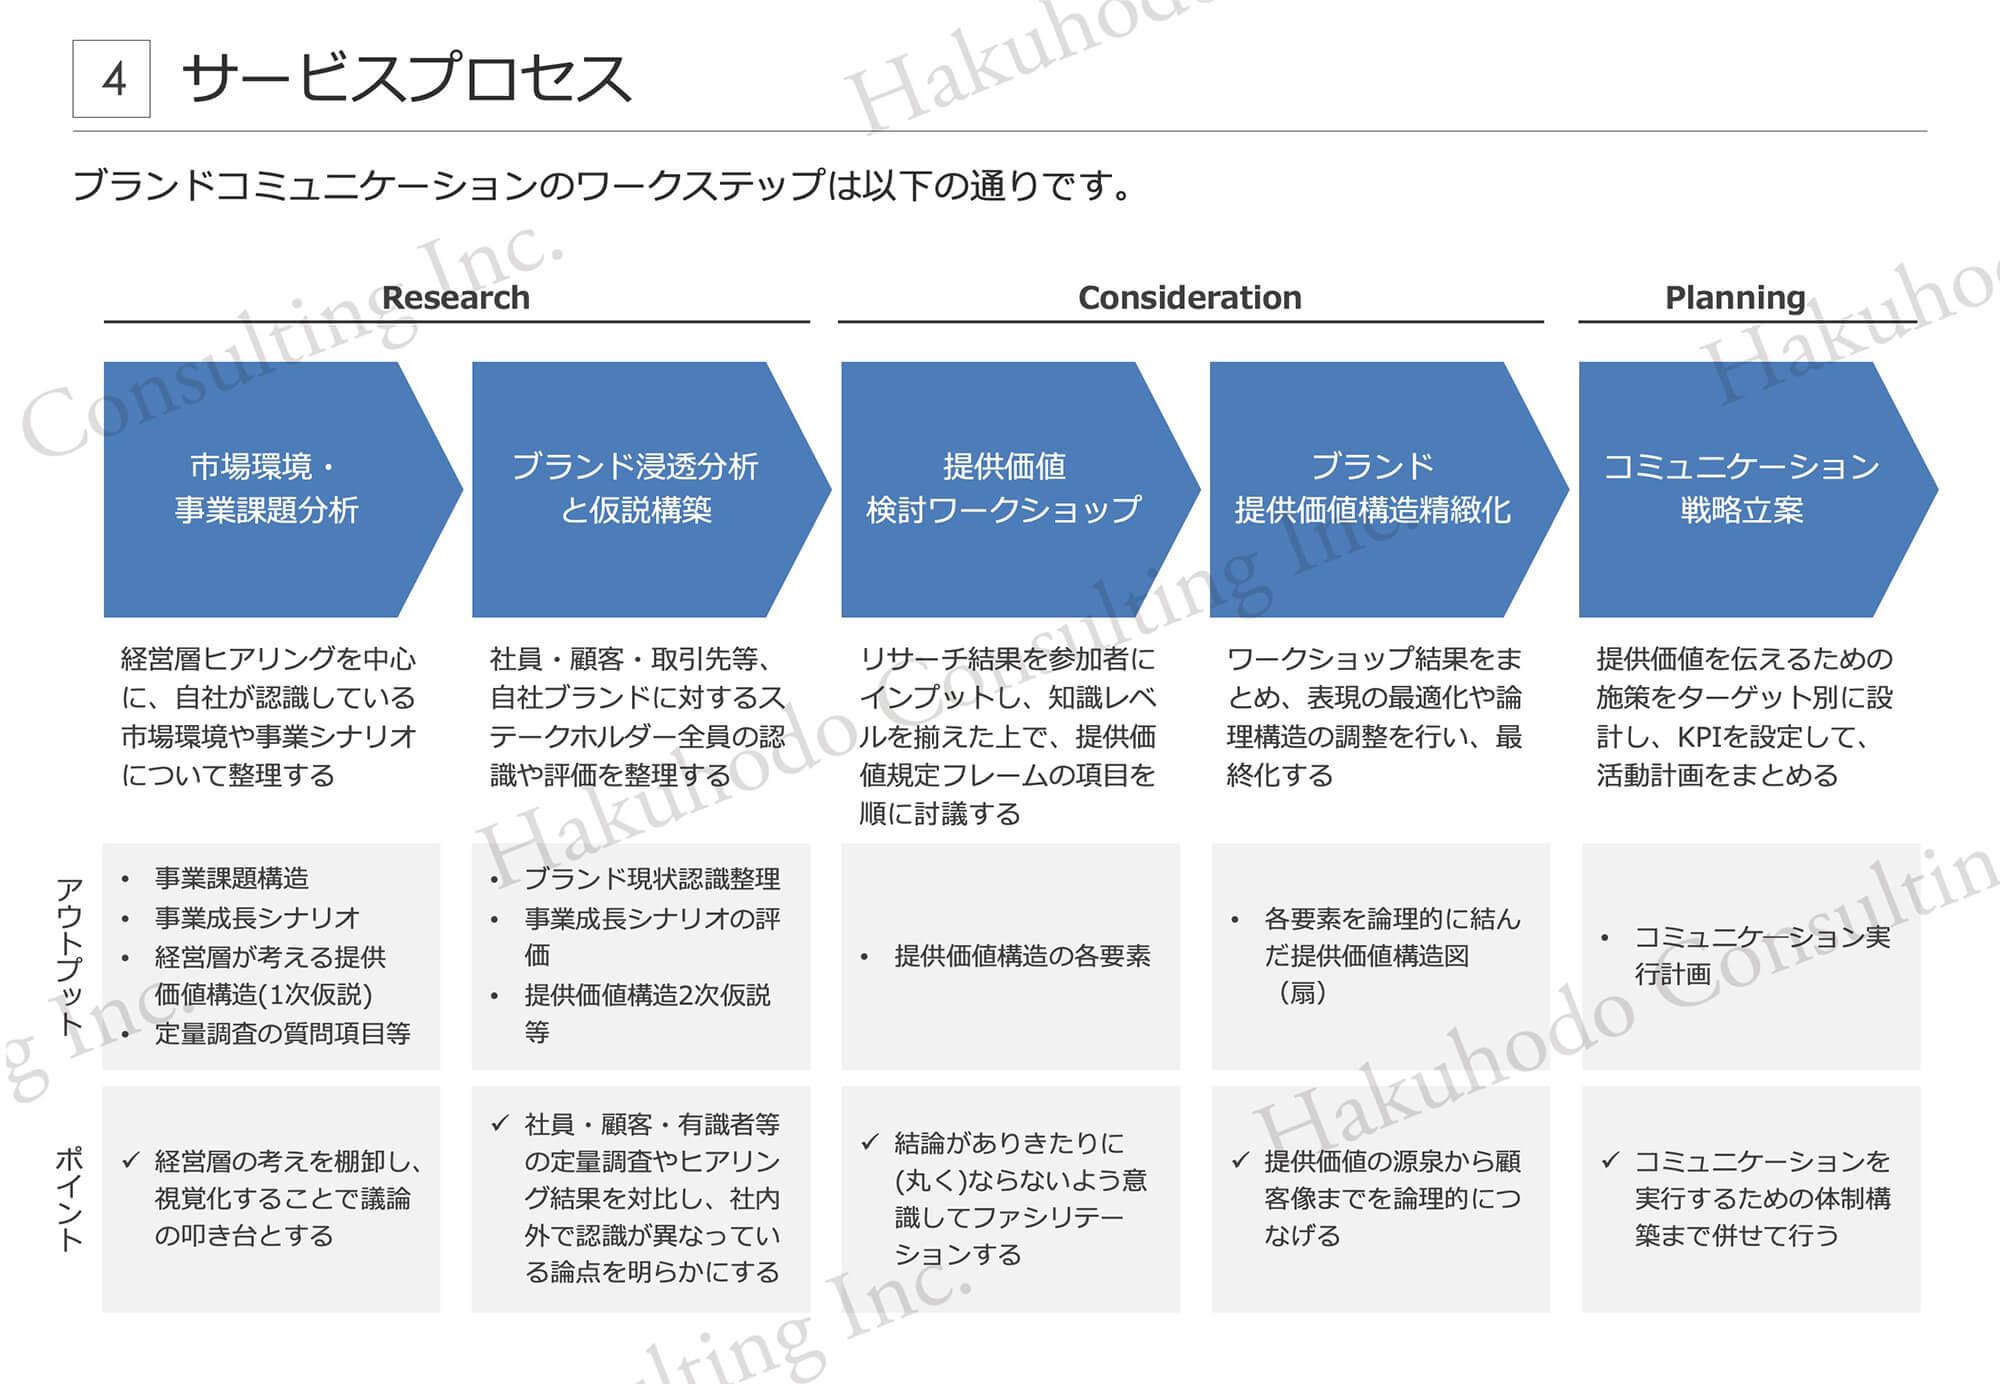 サービスプロセス4ブランドコミュニケーションのワークステップは以下の通りです。提供価値検討ワークショップブランド提供価値構造精緻化ブランド浸透分析と仮説構築Research社員・顧客・取引先等、自社ブランドに対するステークホルダー全員の認識や評価を整理する•ブランド現状認識整理•事業成⻑シナリオの評価•提供価値構造2次仮説等リサーチ結果を参加者にインプットし、知識レベルを揃えた上で、提供価値規定フレームの項目を順に討議する•提供価値構造の各要素ワークショップ結果をまとめ、表現の最適化や論理構造の調整を行い、最終化する•各要素を論理的に結んだ提供価値構造図(扇)市場環境・事業課題分析経営層ヒアリングを中心に、自社が認識している市場環境や事業シナリオについて整理する•事業課題構造•事業成⻑シナリオ•経営層が考える提供価値構造(1次仮説)•定量調査の質問項目等ü社員・顧客・有識者等の定量調査やヒアリング結果を対比し、社内外で認識が異なっている論点を明らかにするü結論がありきたりに(丸く)ならないよう意識してファシリテーションするü提供価値の源泉から顧客像までを論理的につなげるü経営層の考えを棚卸し、視覚化することで議論の叩き台とするポイントアウトプ⑁トコミュニケーション戦略立案提供価値を伝えるための施策をターゲット別に設計し、KPIを設定して、活動計画をまとめる•コミュニケ―ション実行計画üコミュニケーションを実行するための体制構築まで併せて行う